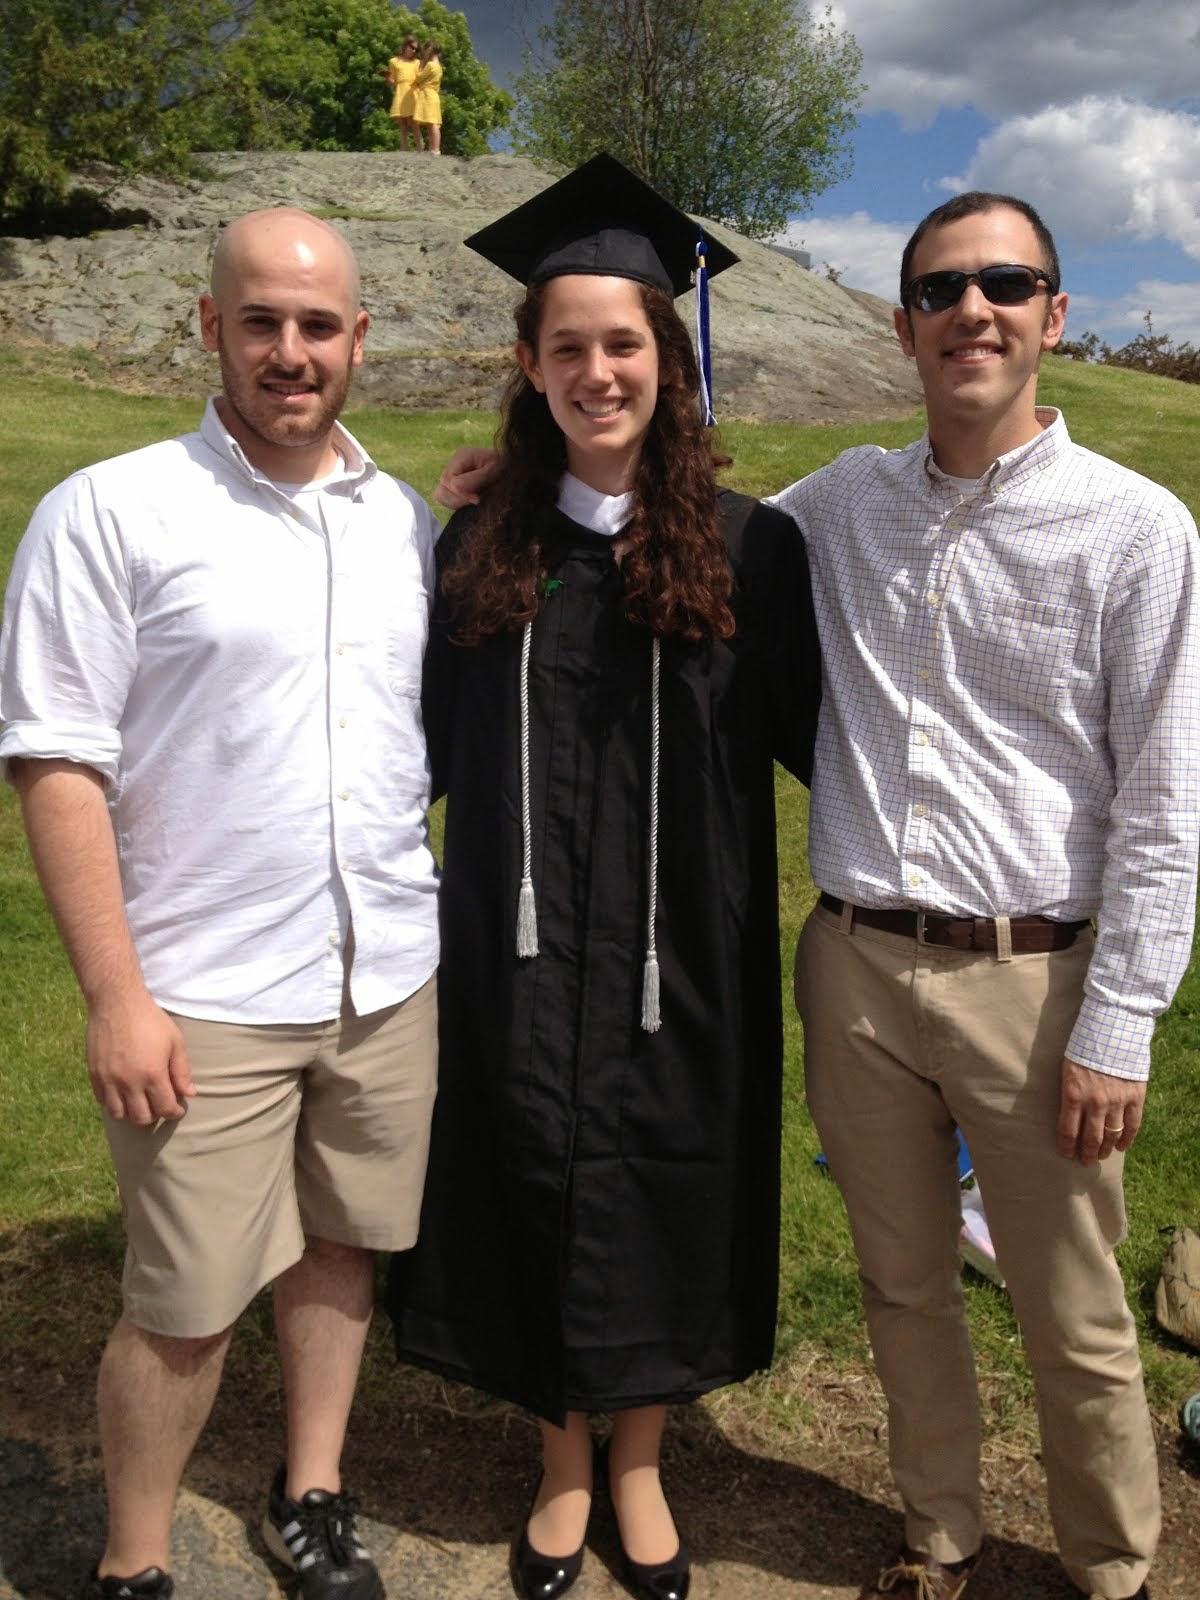 Brandeis graduation